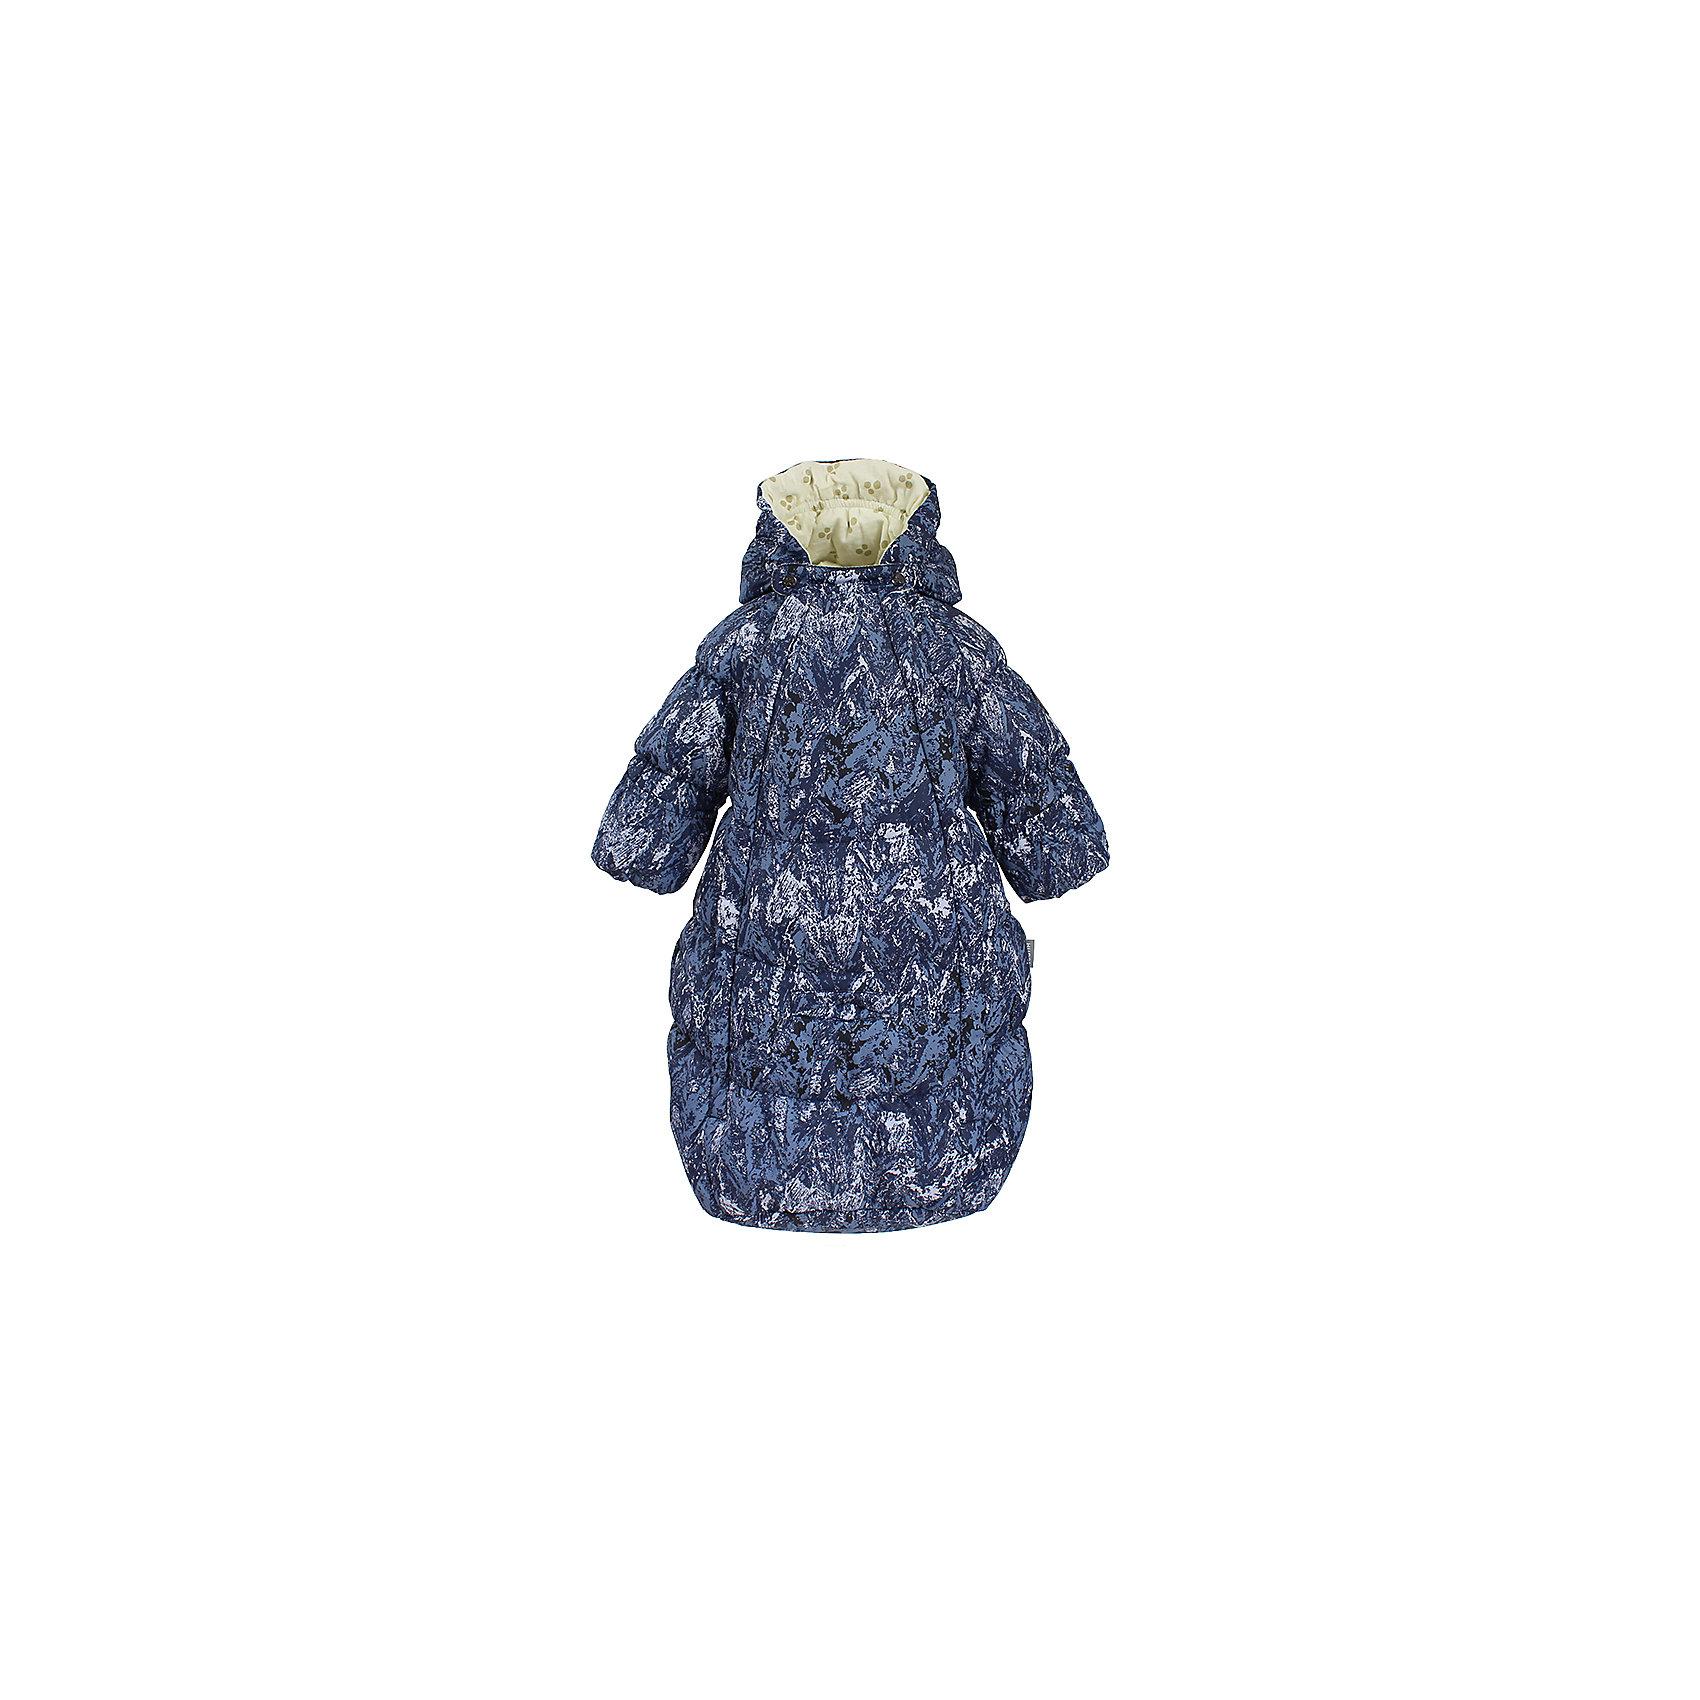 Конверт EMILY HuppaВерхняя одежда<br>Характеристики товара:<br><br>• модель: Emily;<br>• состав: 100% полиэстер;<br>• утеплитель: 50% пух, 50% перо.;<br>• подкладка: фланель,100% хлопок;<br>• сезон: зима;<br>• температурный режим: от 0 до - 30С;<br>• водонепроницаемость: 5000 мм;<br>• воздухопроницаемость: 5000 г/м2/24ч;<br>• влагоустойчивая и дышащая ткань верхнего слоя изделияпозволяет сохранить внутри собственное тепло ребенка и препятствует попаданию извне холодного воздуха;<br>• две длинные молнии;<br>• регулируемый капюшон;<br>• манжеты рукавов на резинке;<br>• манжеты рукавов с отворотом;<br>• светоотражающие элементы для безопасности ребенка;<br>• страна бренда: Финляндия;<br>• страна изготовитель: Эстония.<br><br>Теплый пуховый конверт для новорождённых Emily. Мягкая фланелевая подкладка очень комфортна для малыша. Отвороты на рукавах не дадут замерзнуть маленьким ручкам. Предусмотрена прорезь для ремней автокресла.<br><br>* Температурный режим указан приблизительно — необходимо, прежде всего, ориентироваться на ощущения ребенка. Температурный режим работает в случае соблюдения правила многослойности – использования флисовой поддевы и термобелья.<br><br>Вы можете приобрести конверт EMILY Huppa(Хуппа) в нашем интернет-магазине.<br><br>Ширина мм: 356<br>Глубина мм: 10<br>Высота мм: 245<br>Вес г: 519<br>Цвет: синий<br>Возраст от месяцев: 3<br>Возраст до месяцев: 6<br>Пол: Унисекс<br>Возраст: Детский<br>Размер: 68,56,62<br>SKU: 7025207